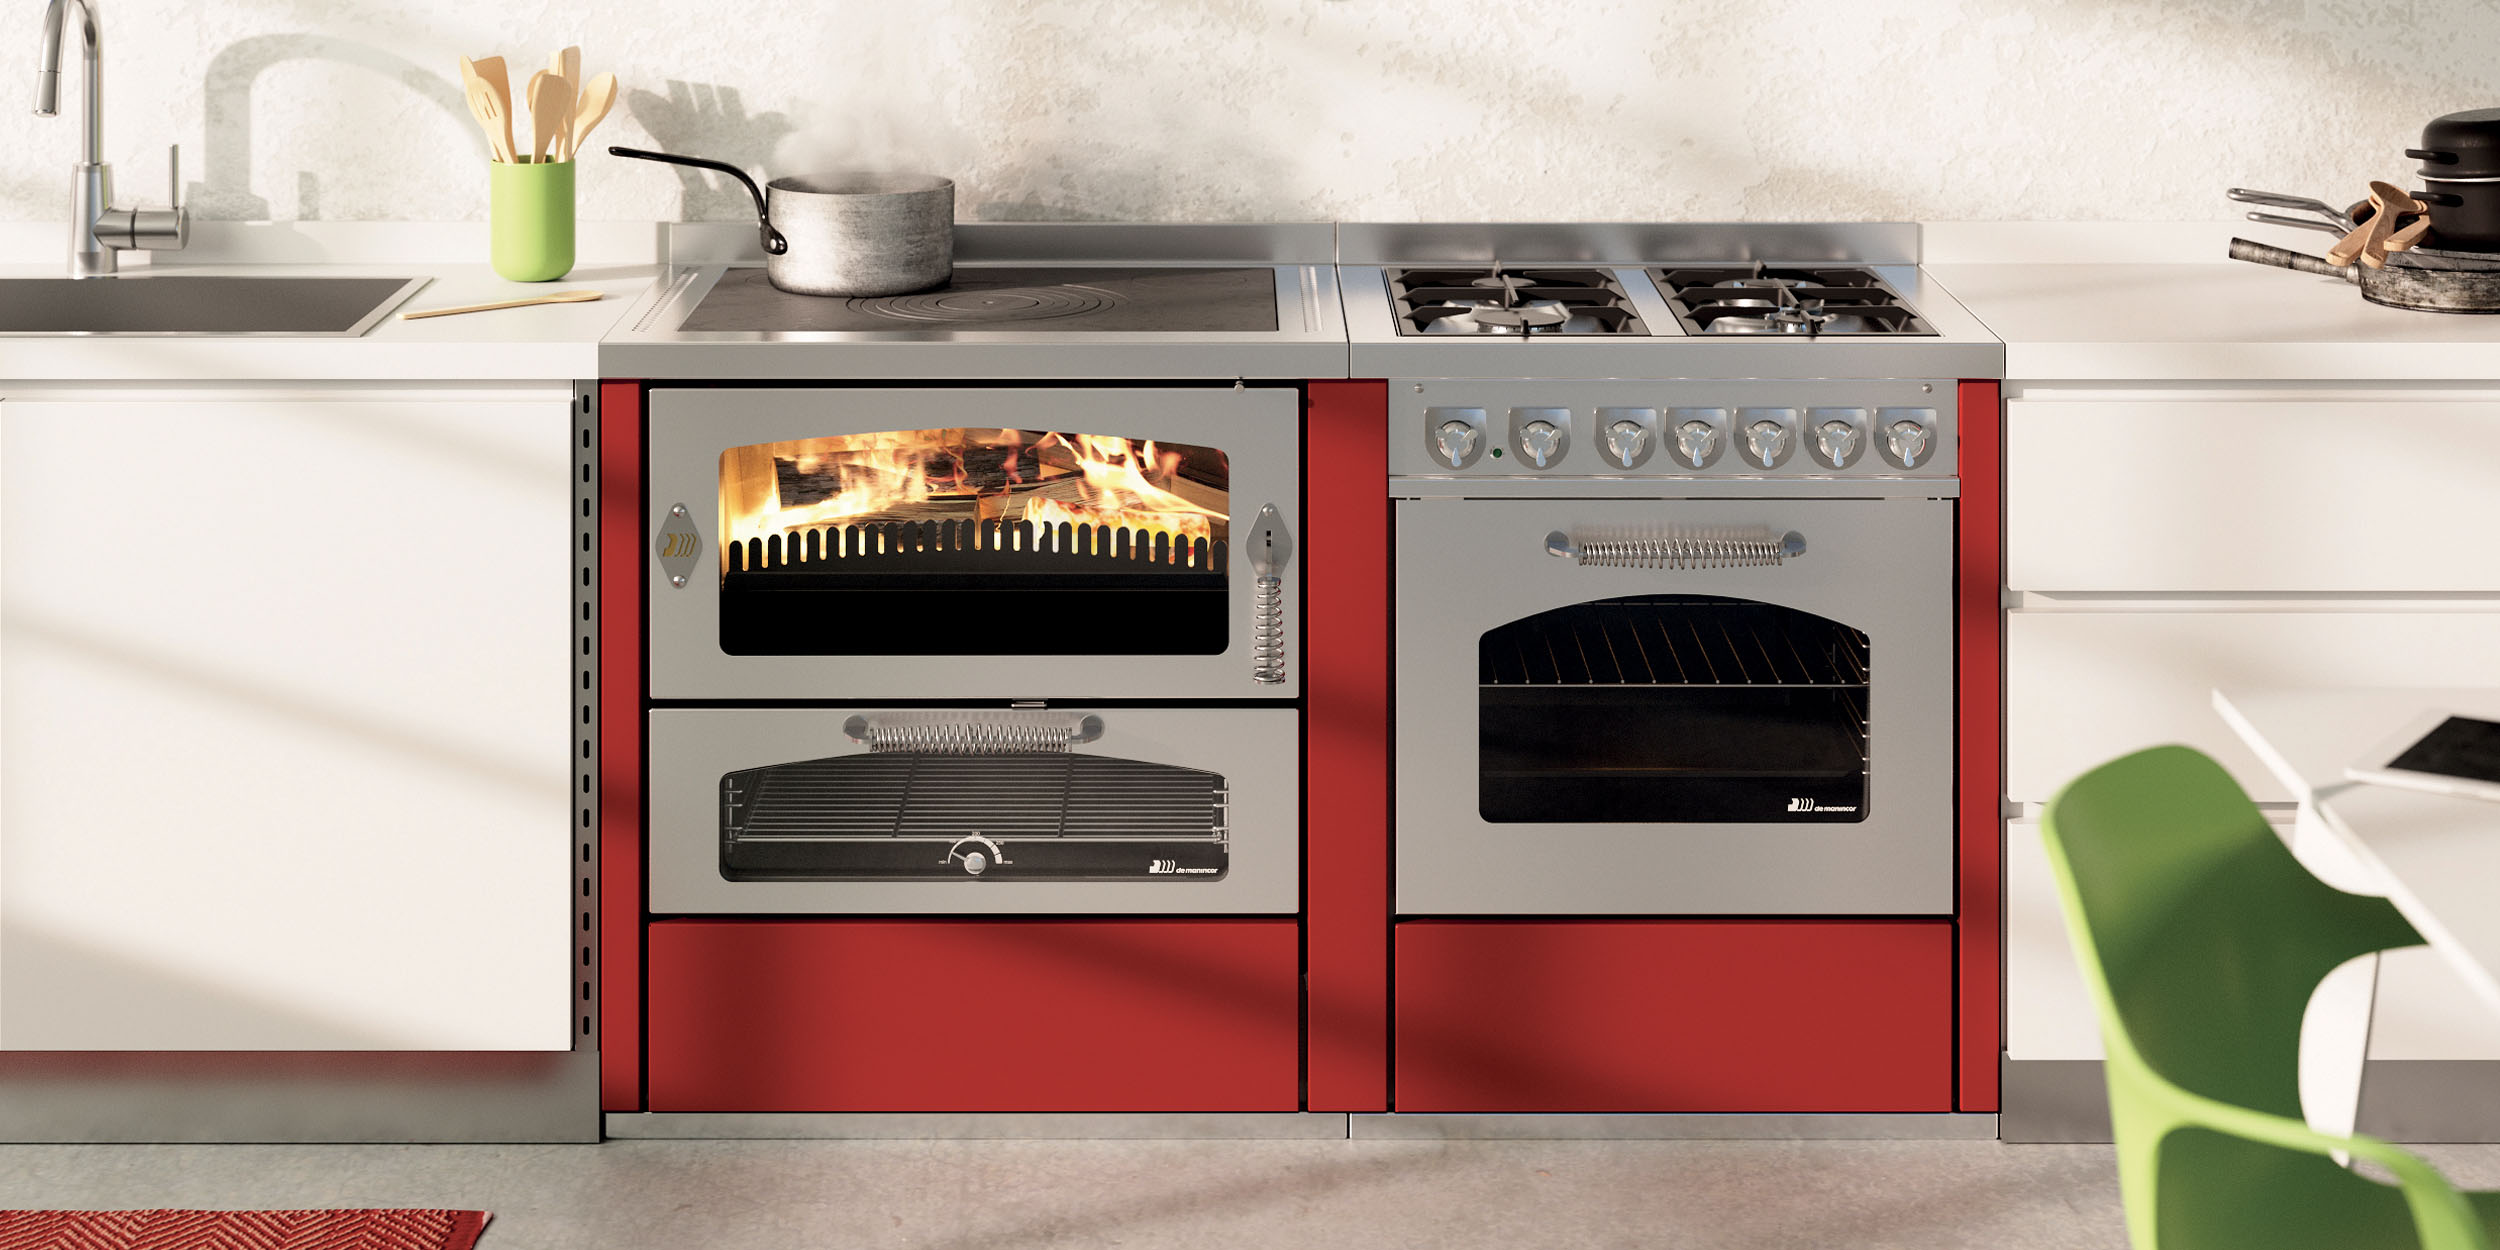 Cucine A Legna Moderne.Cucine A Legna Demanincor S P A